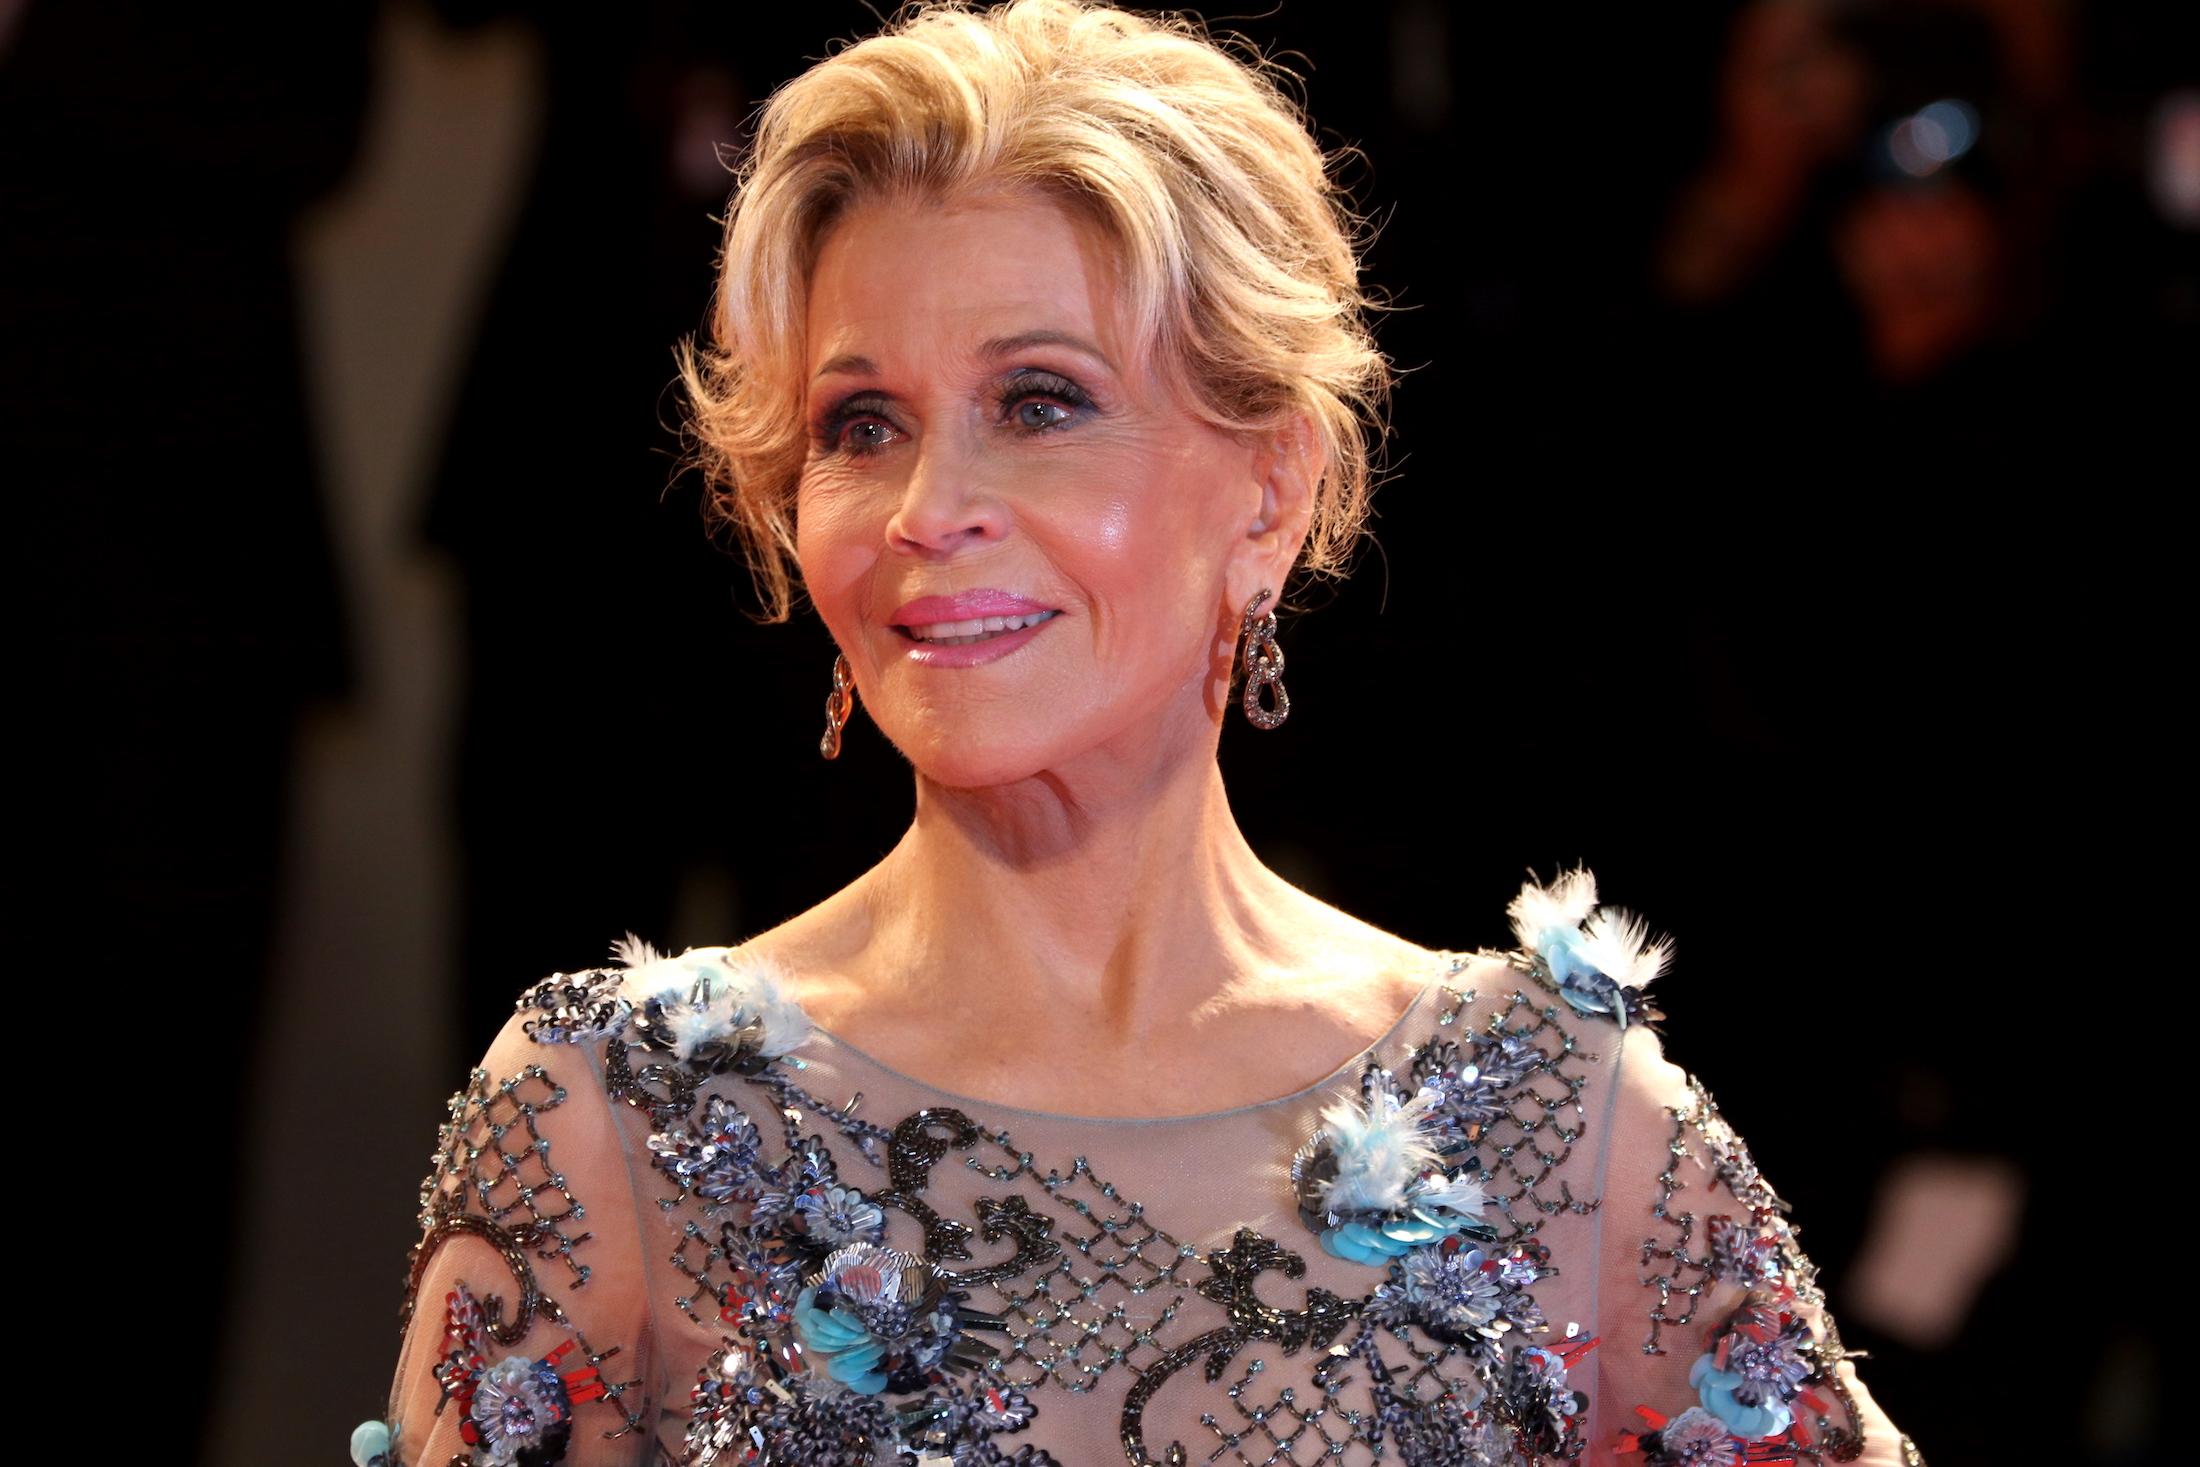 Venezia 2017: un primo piano di Jane Fonda sul red carpet per il leone d'oro alla carriera